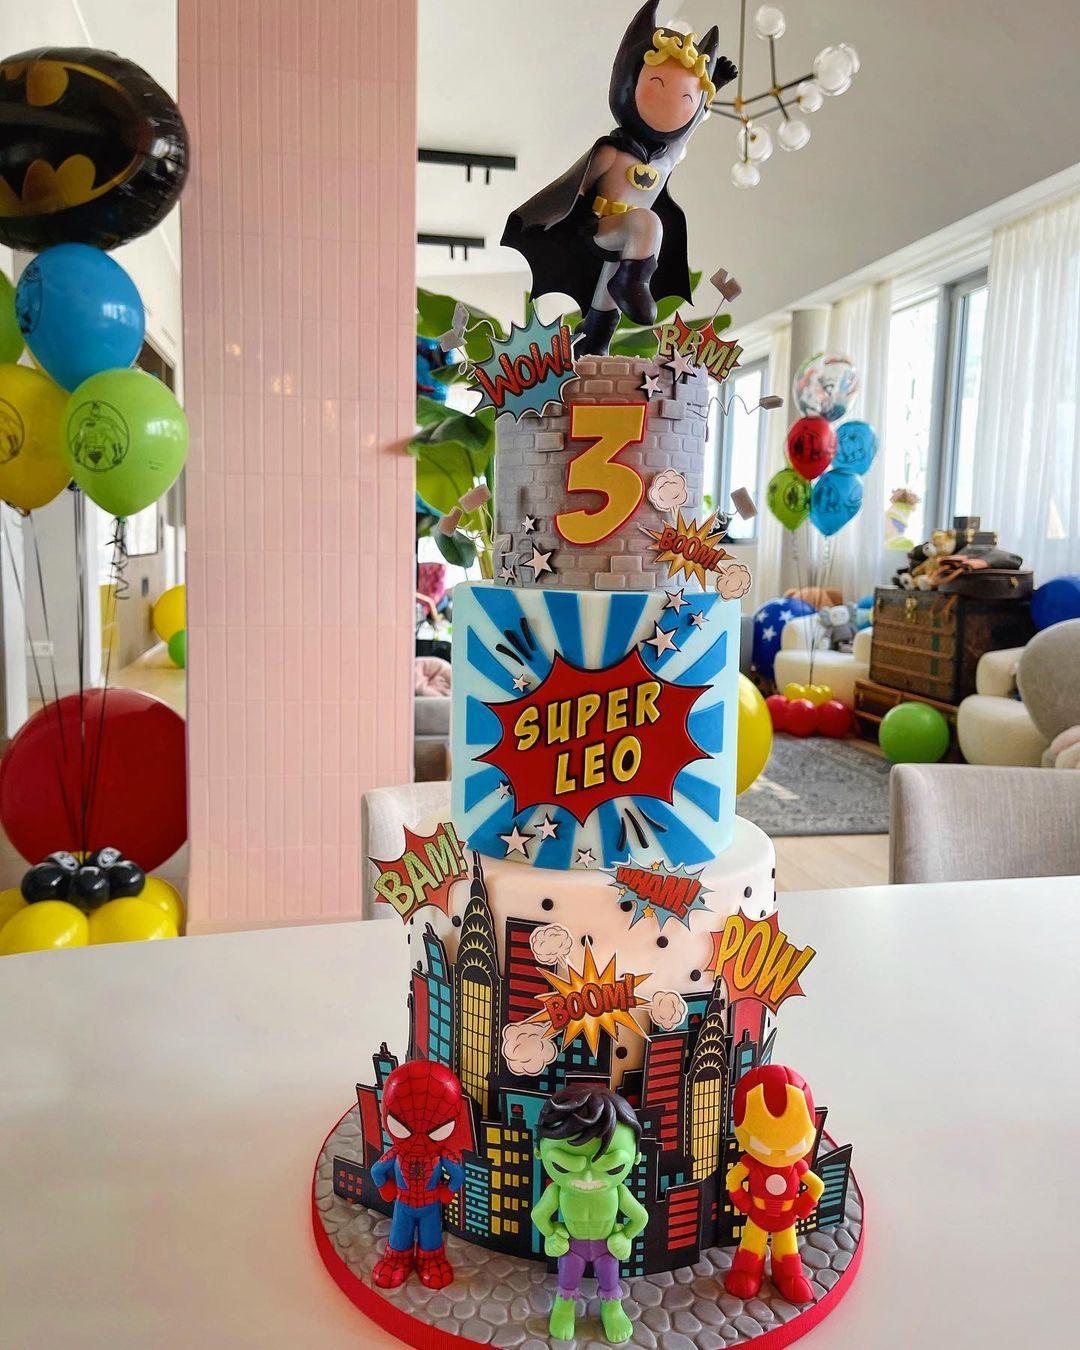 La torta personalizzata per i 3 anni di Leone